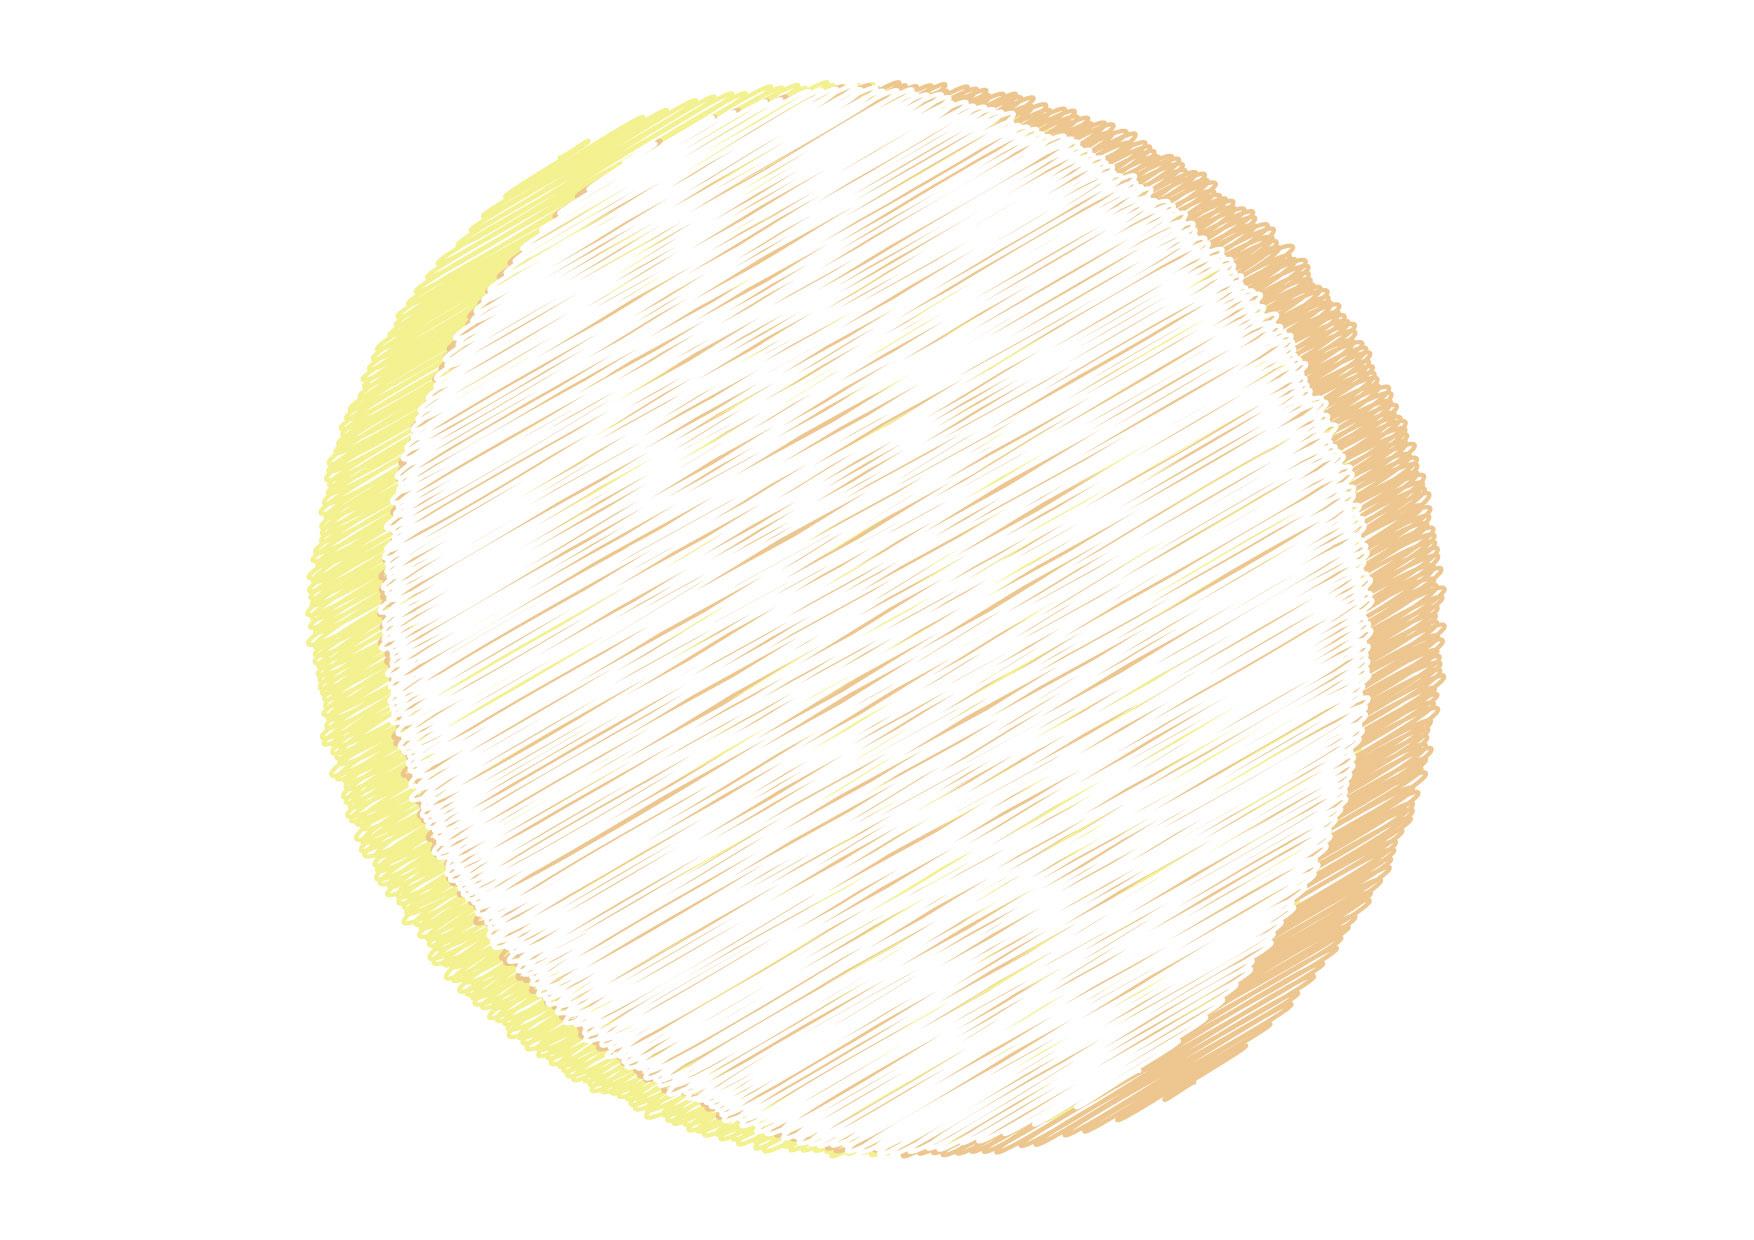 可愛いイラスト無料|円フレーム 落書き 黄色 背景 − free illustration Circle frame graffiti yellow background